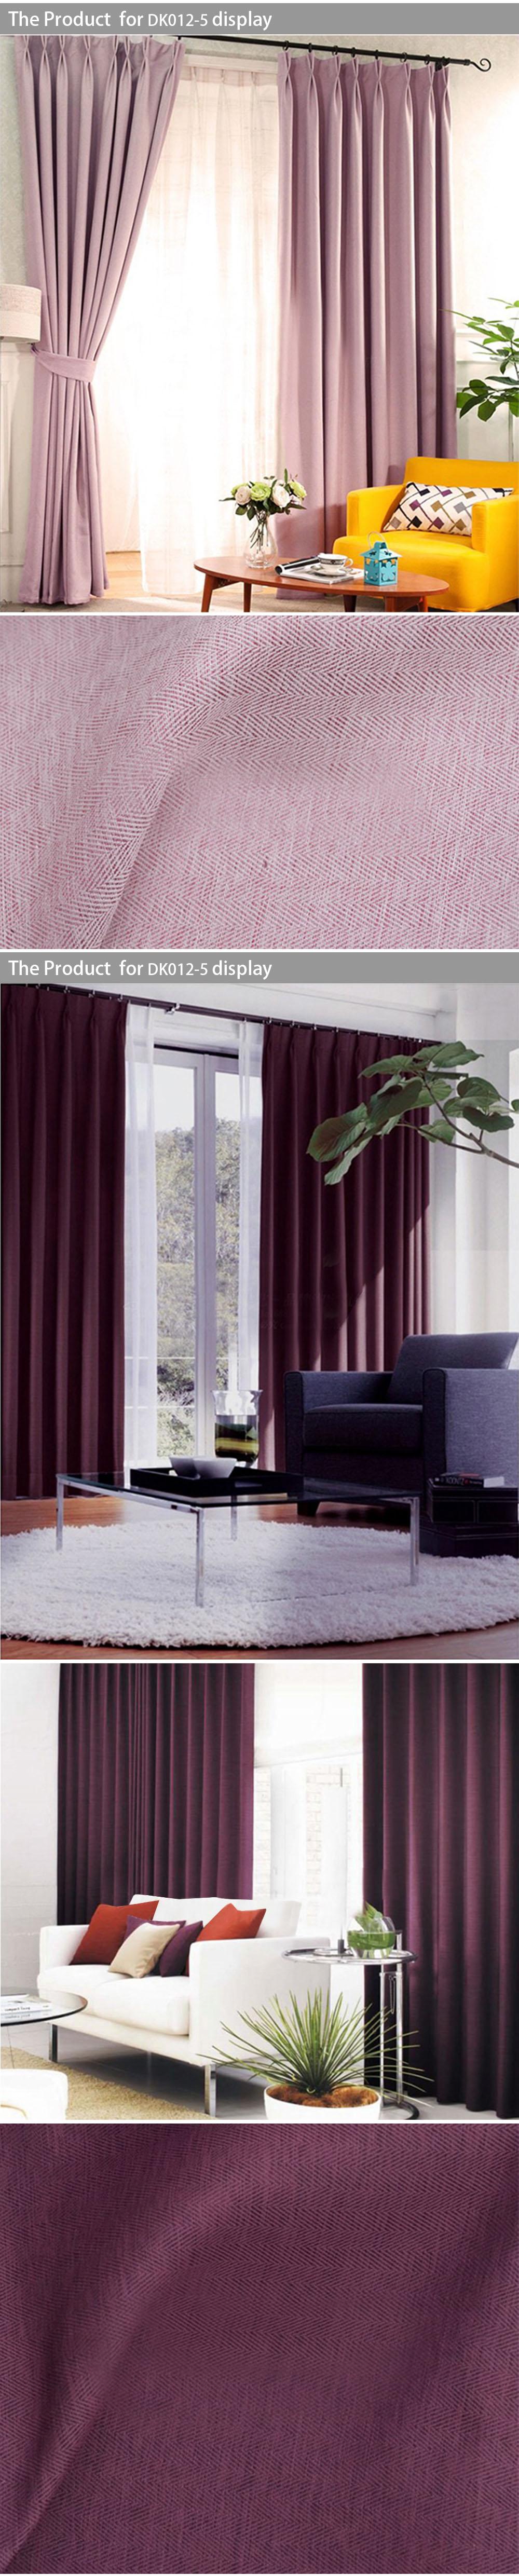 curtain2-3-3